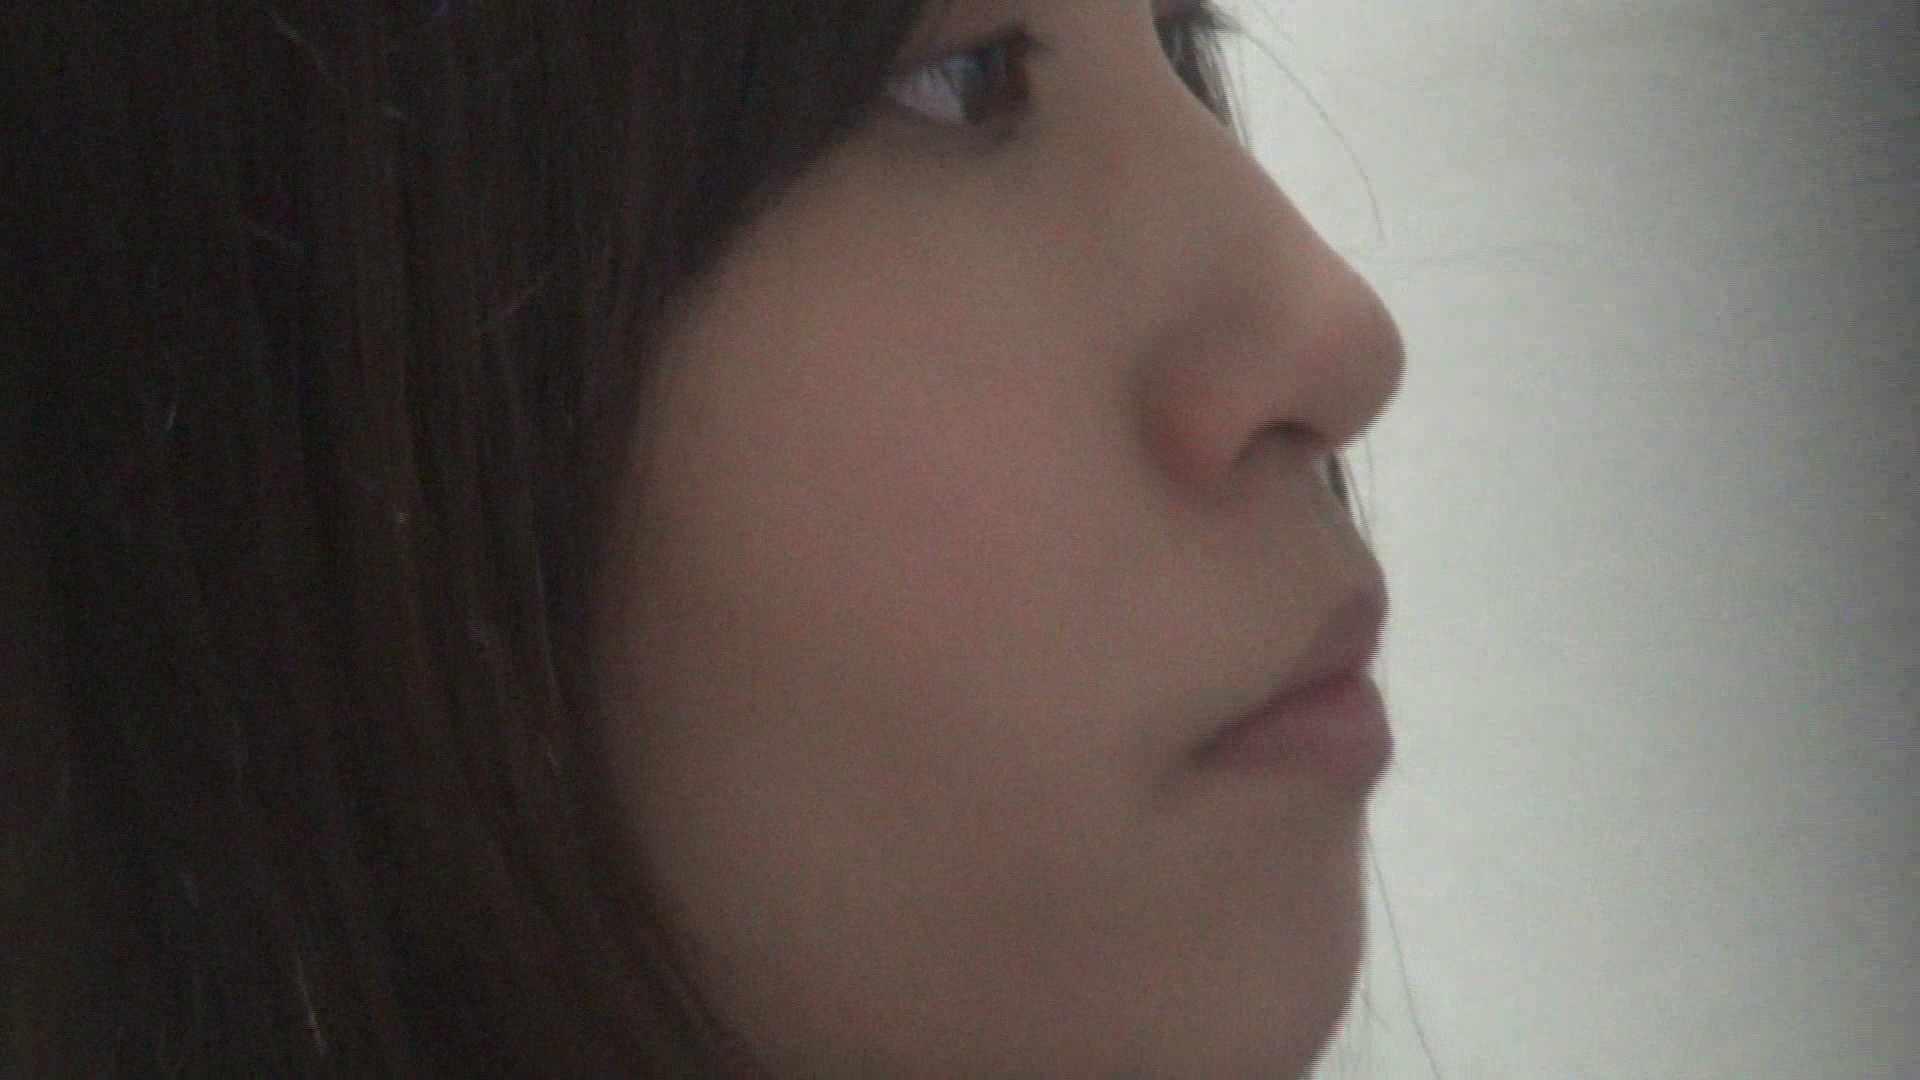 【05】仕事が忙しくて・・・久しぶりにベランダで待ち伏せ 盗撮   おまんこ無修正  85pic 81